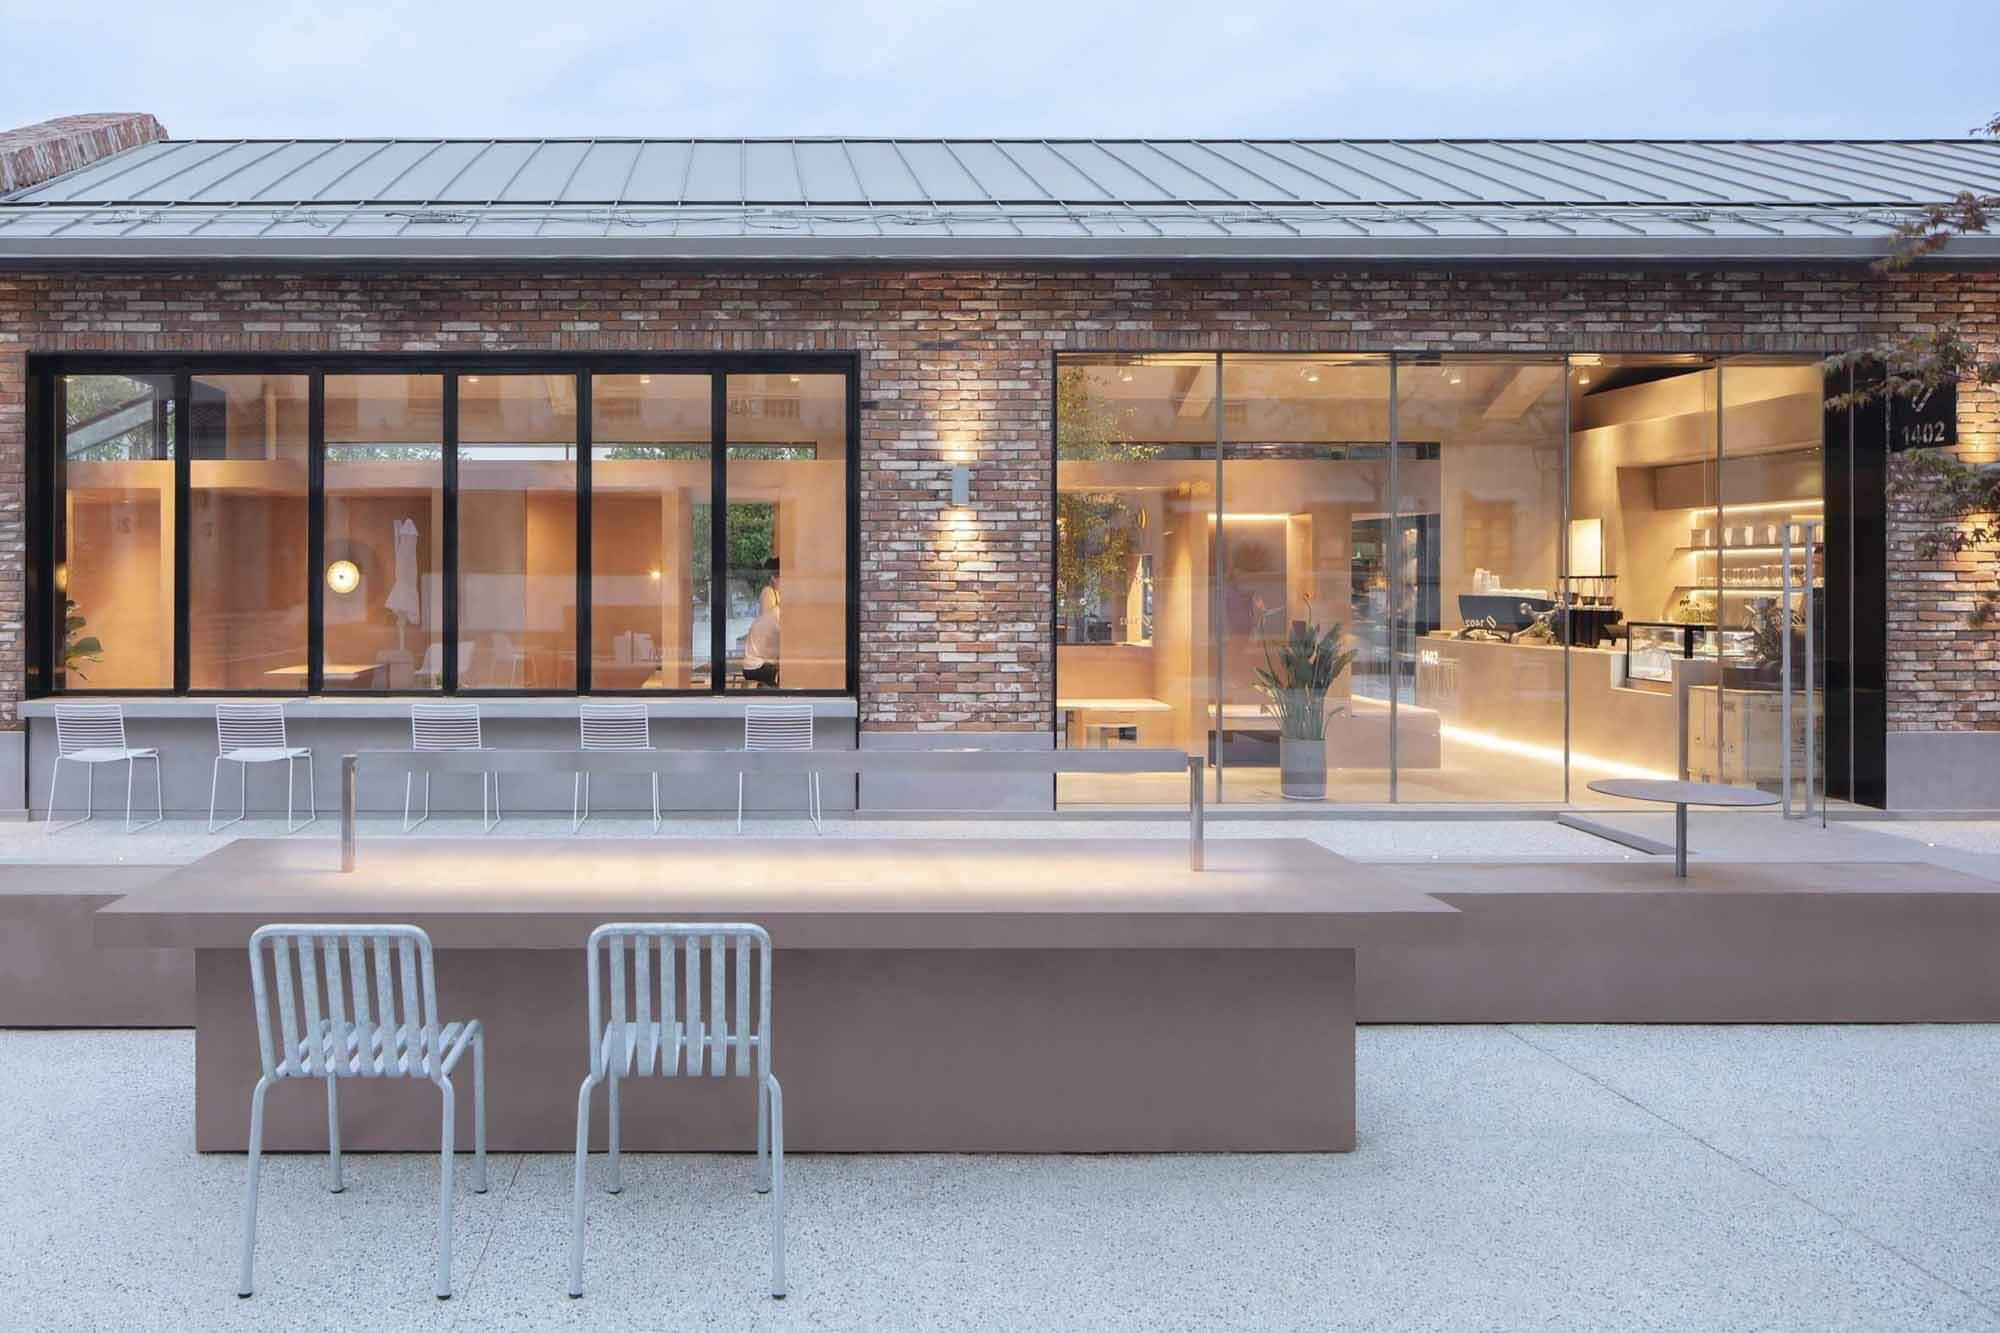 BLUE Architecture добавила прямоугольное кафе в здание из красного кирпича в Китае